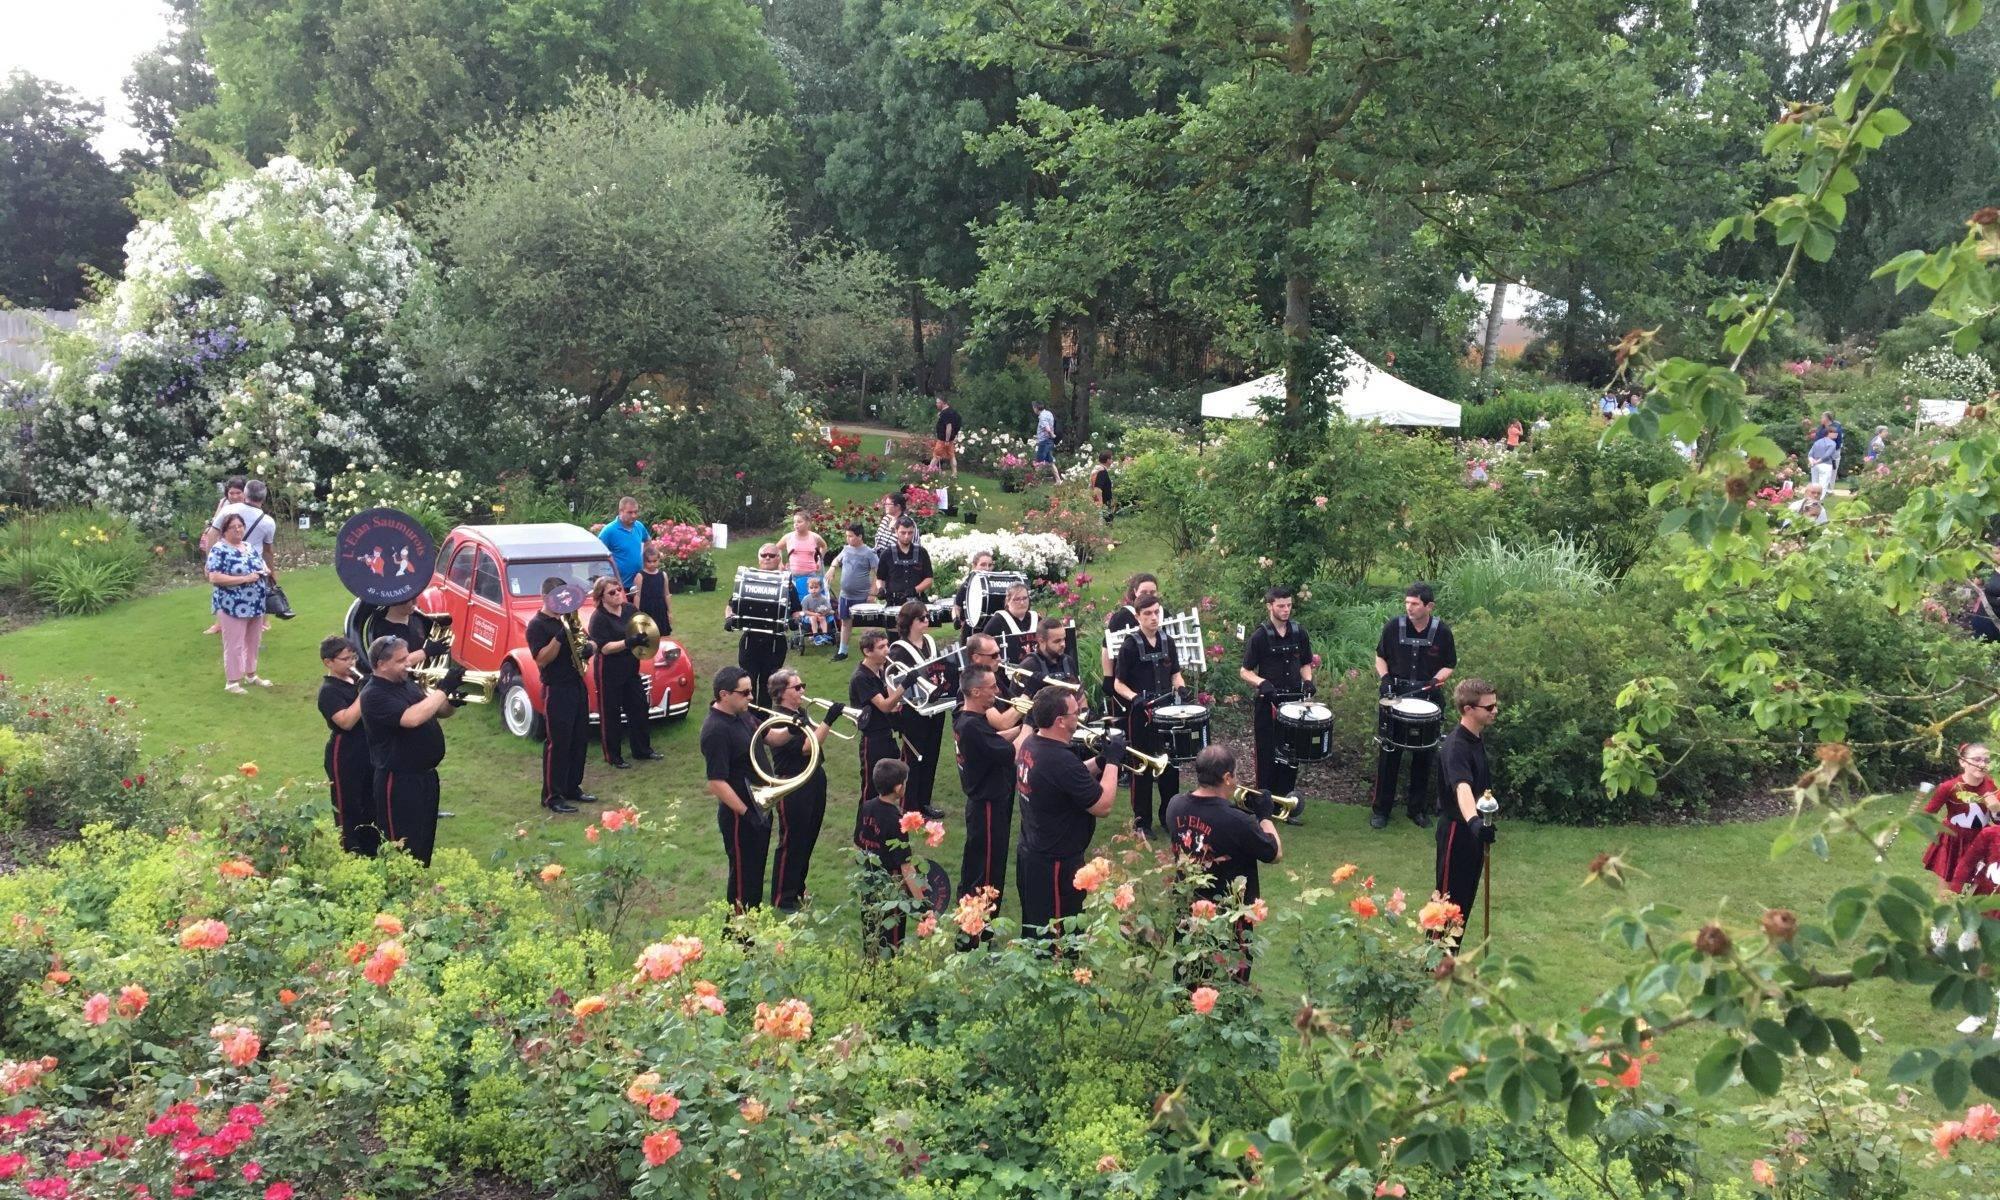 La fanfare au cœur du jardin des roses de Doué-la-Fontaine